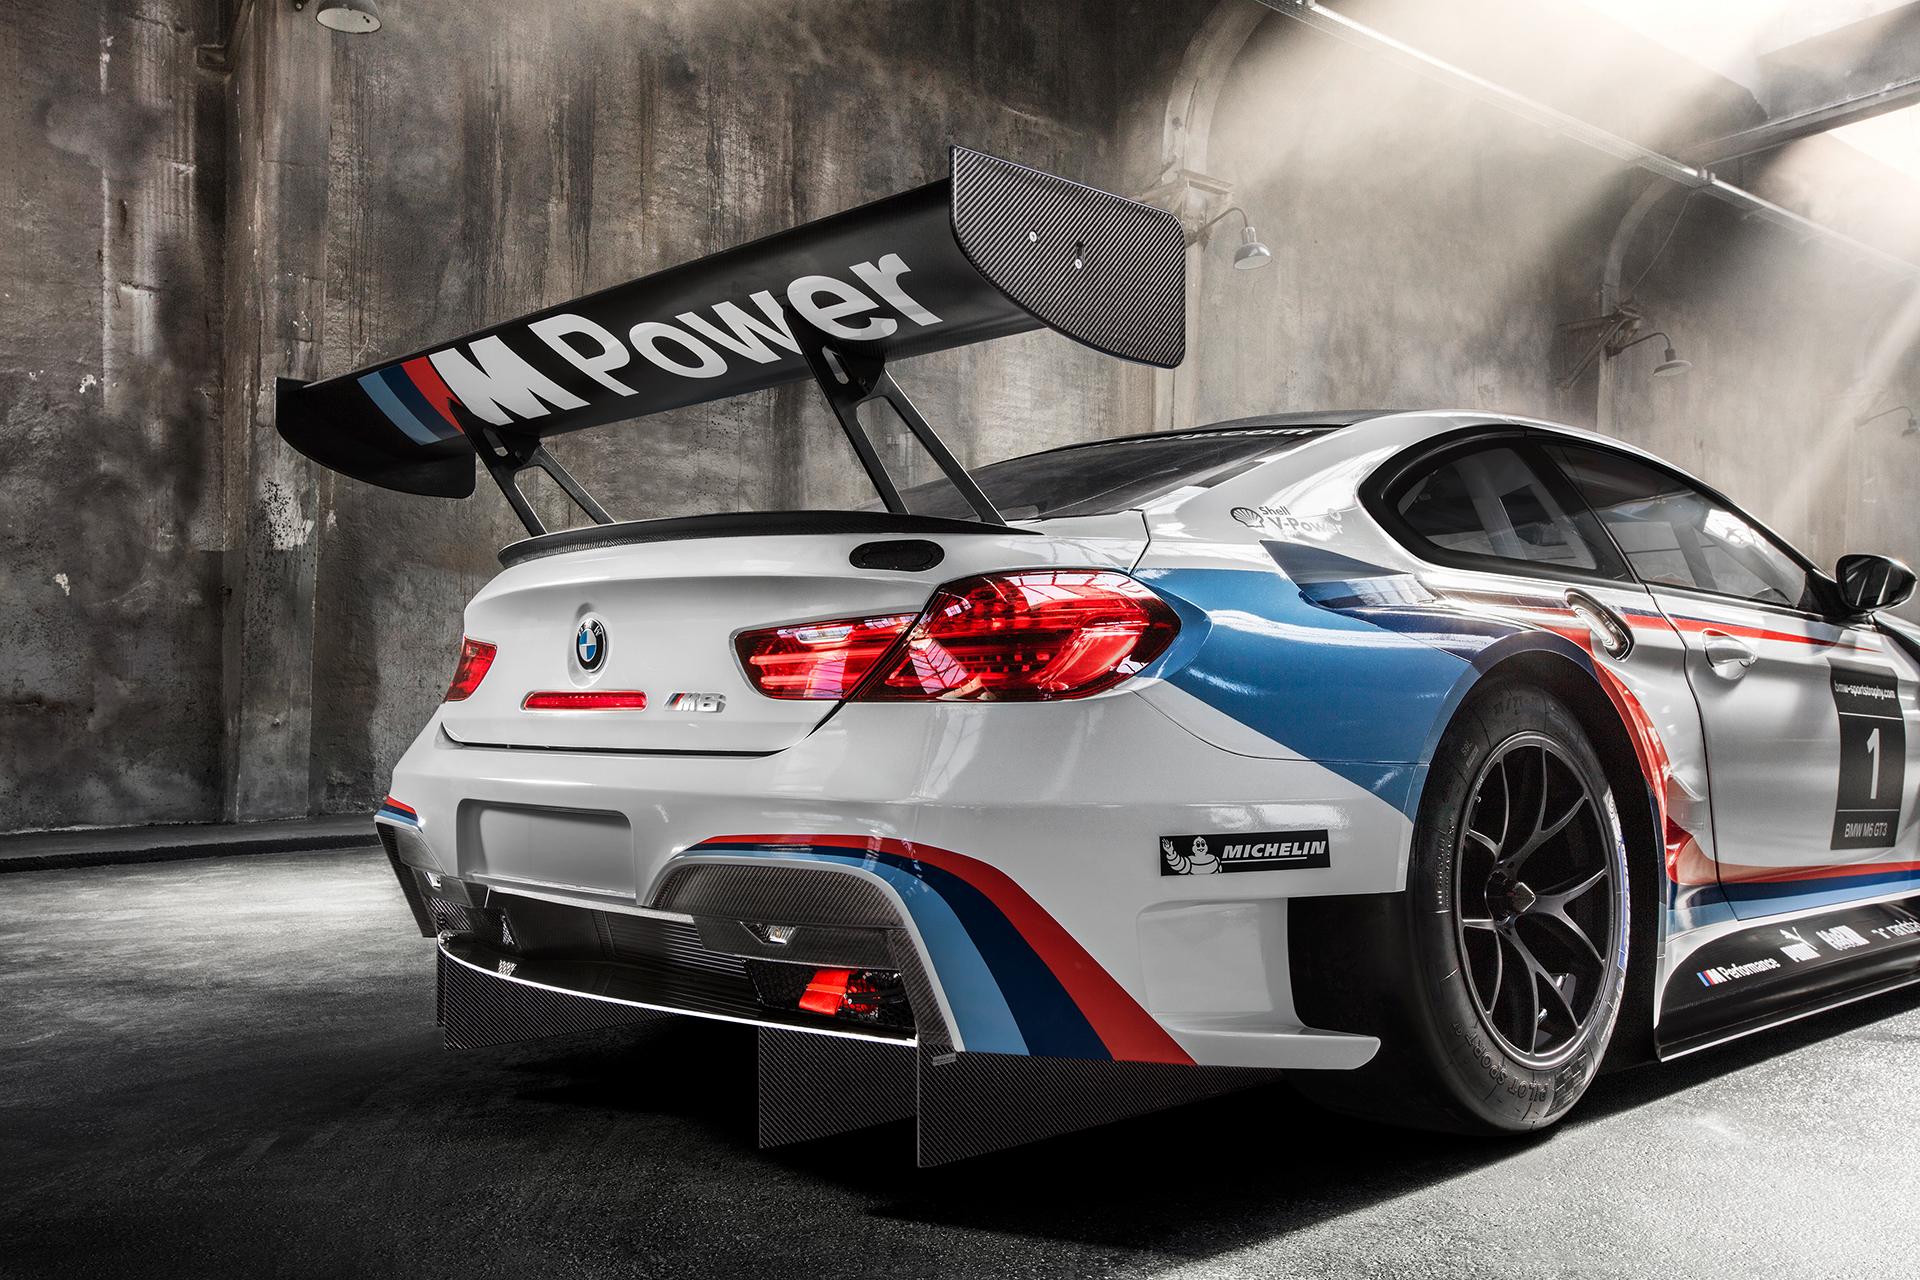 BMW M6 GT3 - 2016 - rear wing / aileron arrière